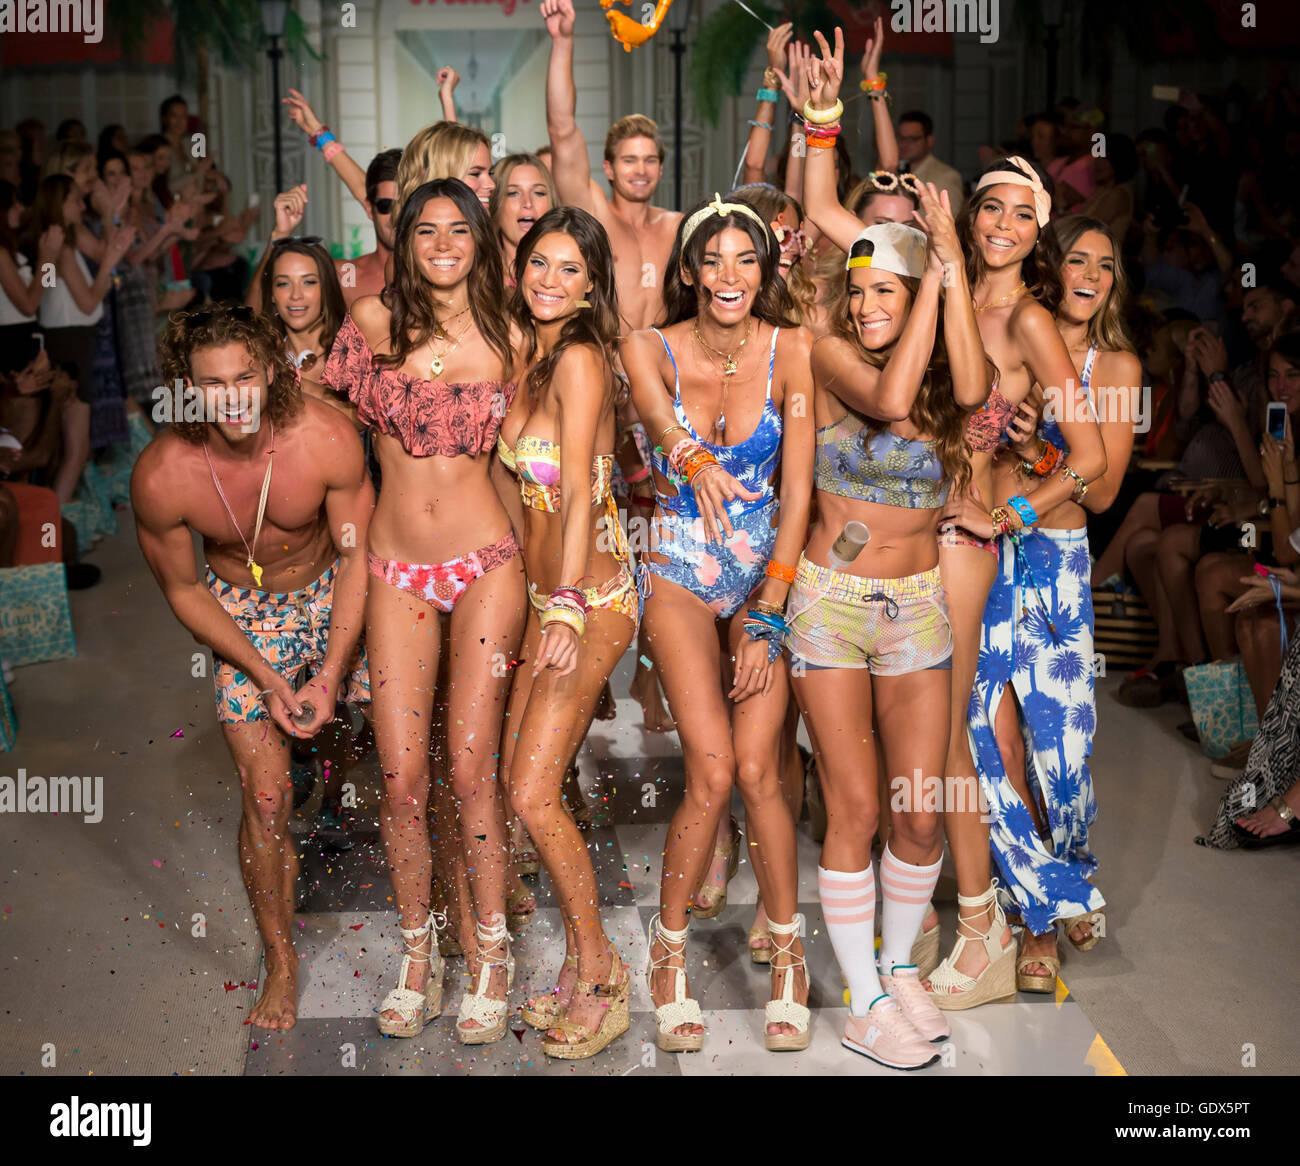 MIAMI BEACH, FL - Luglio 17, 2016: modelli a piedi la pista al Maaji 2017 Collezione a nuotare Funkshion Fashion Immagini Stock